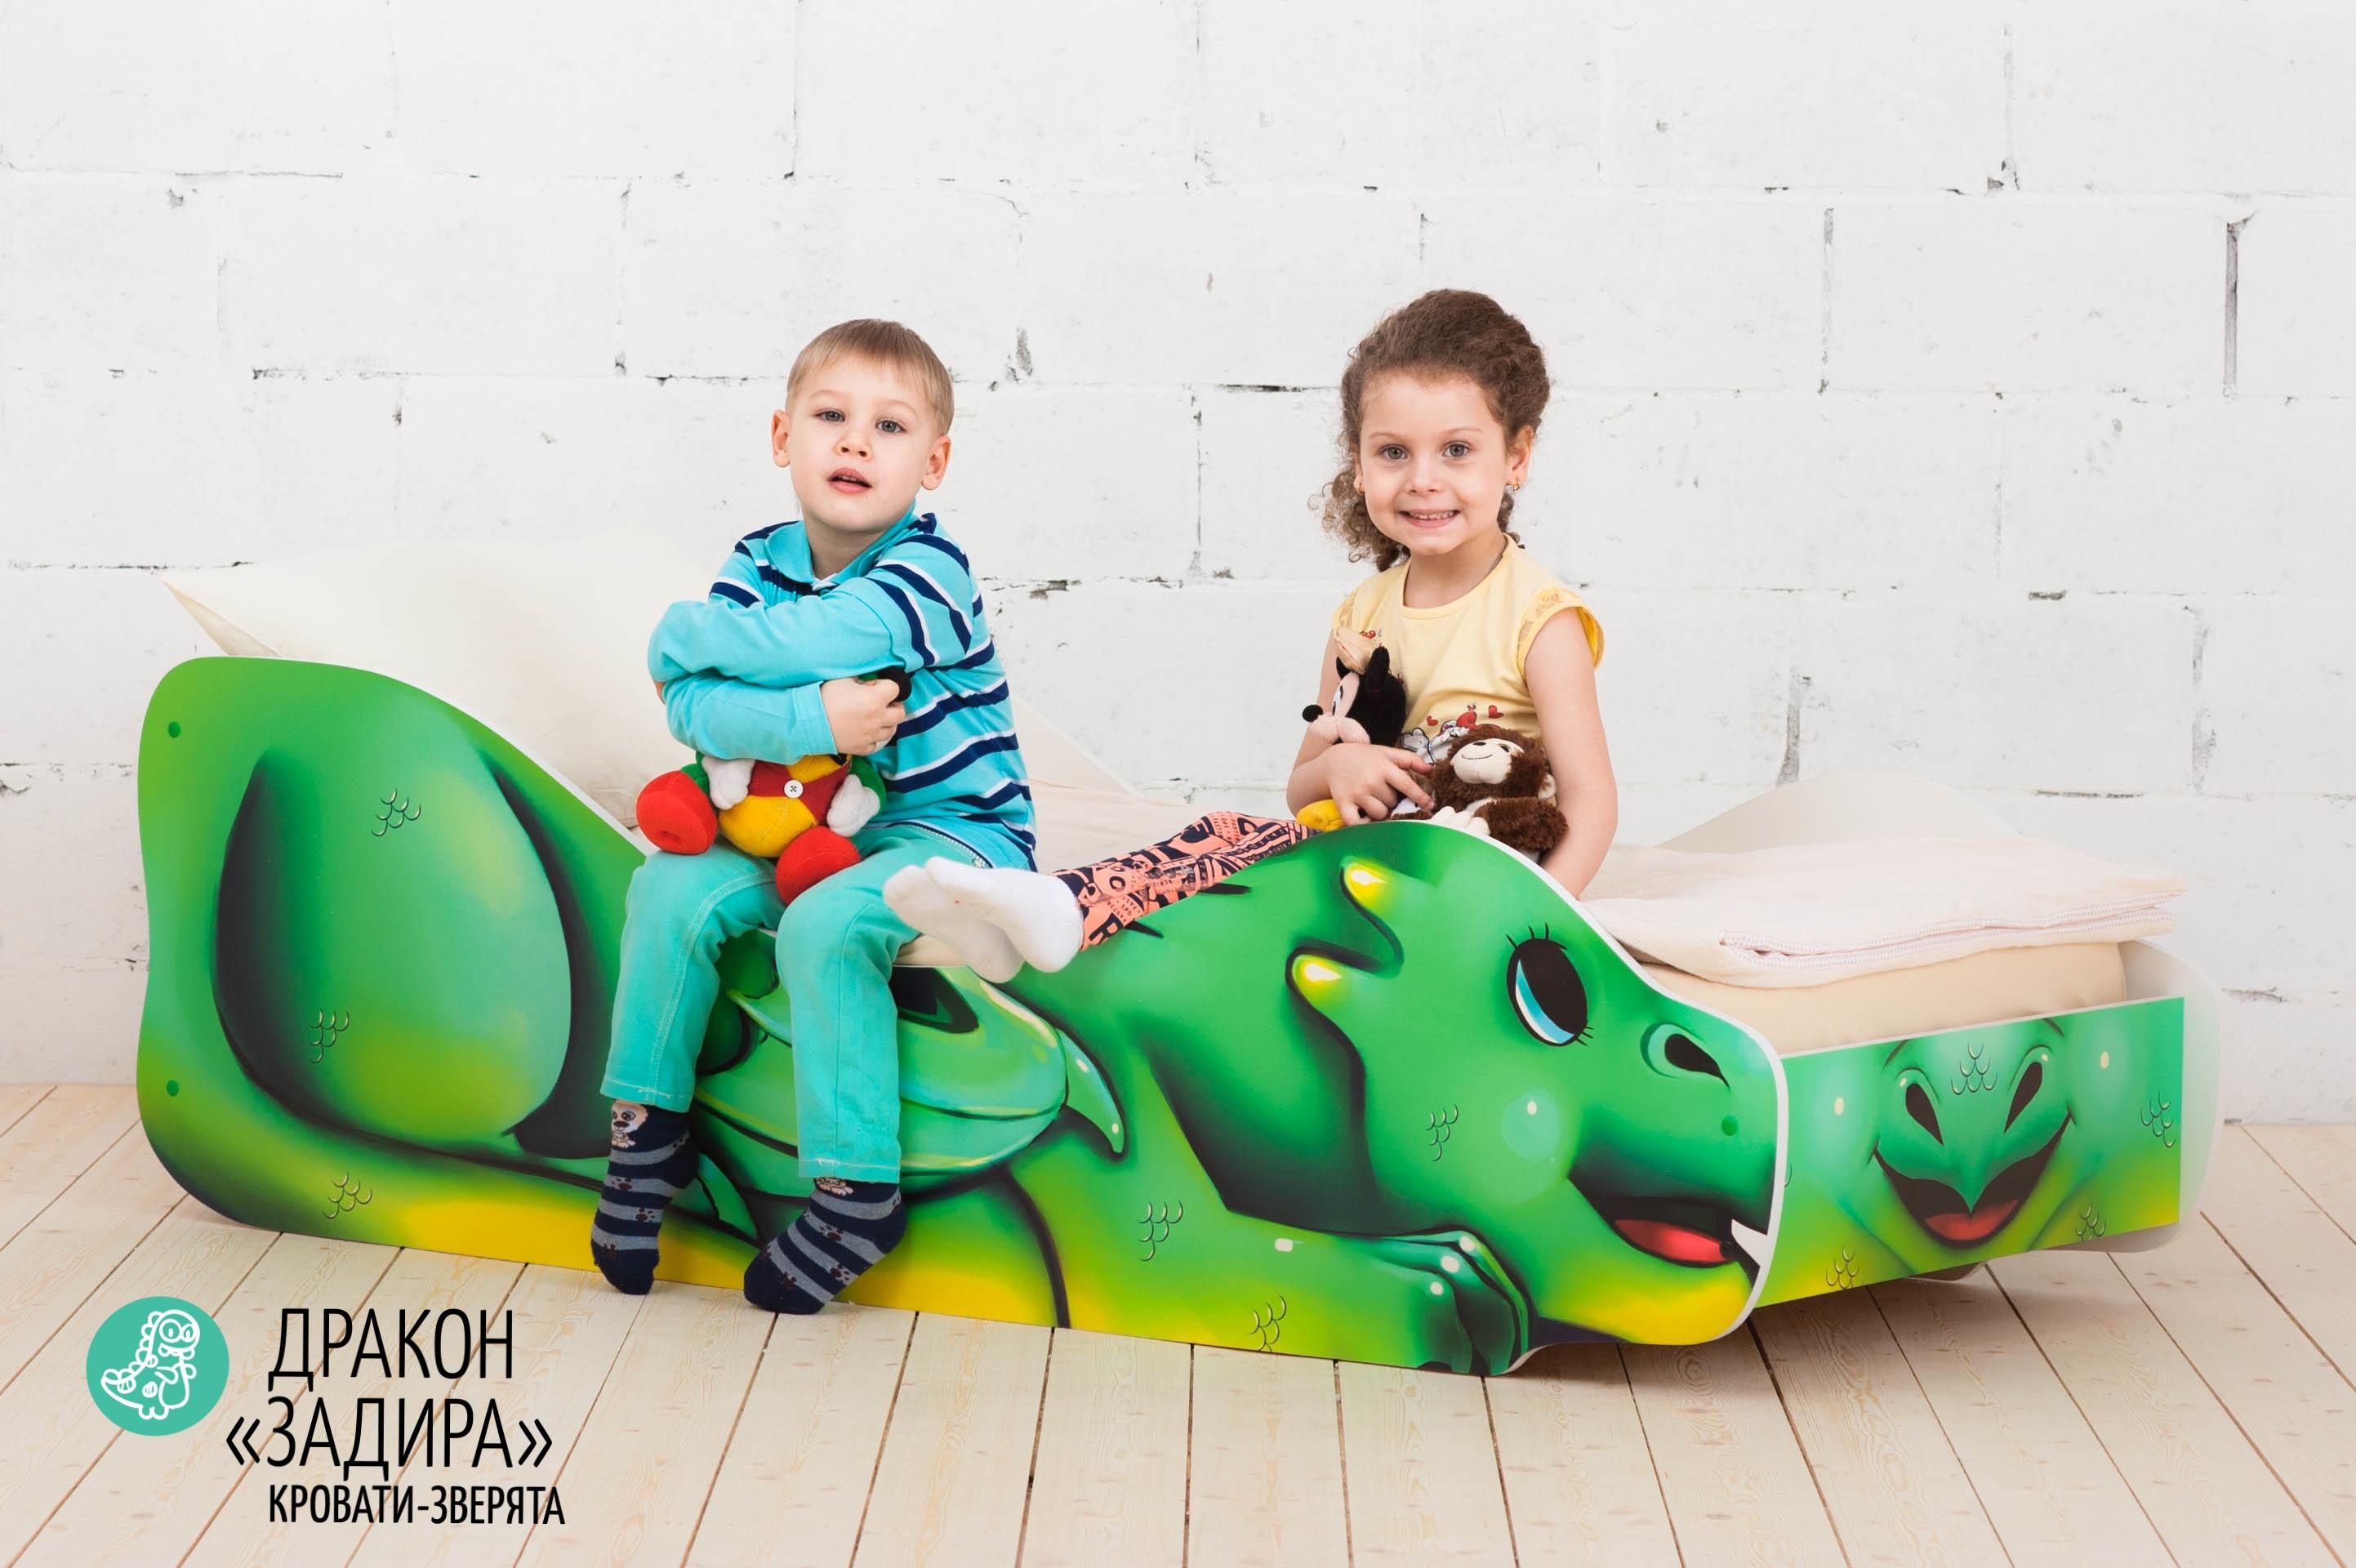 Детская кровать-зверенок -Дракон-Задира-2